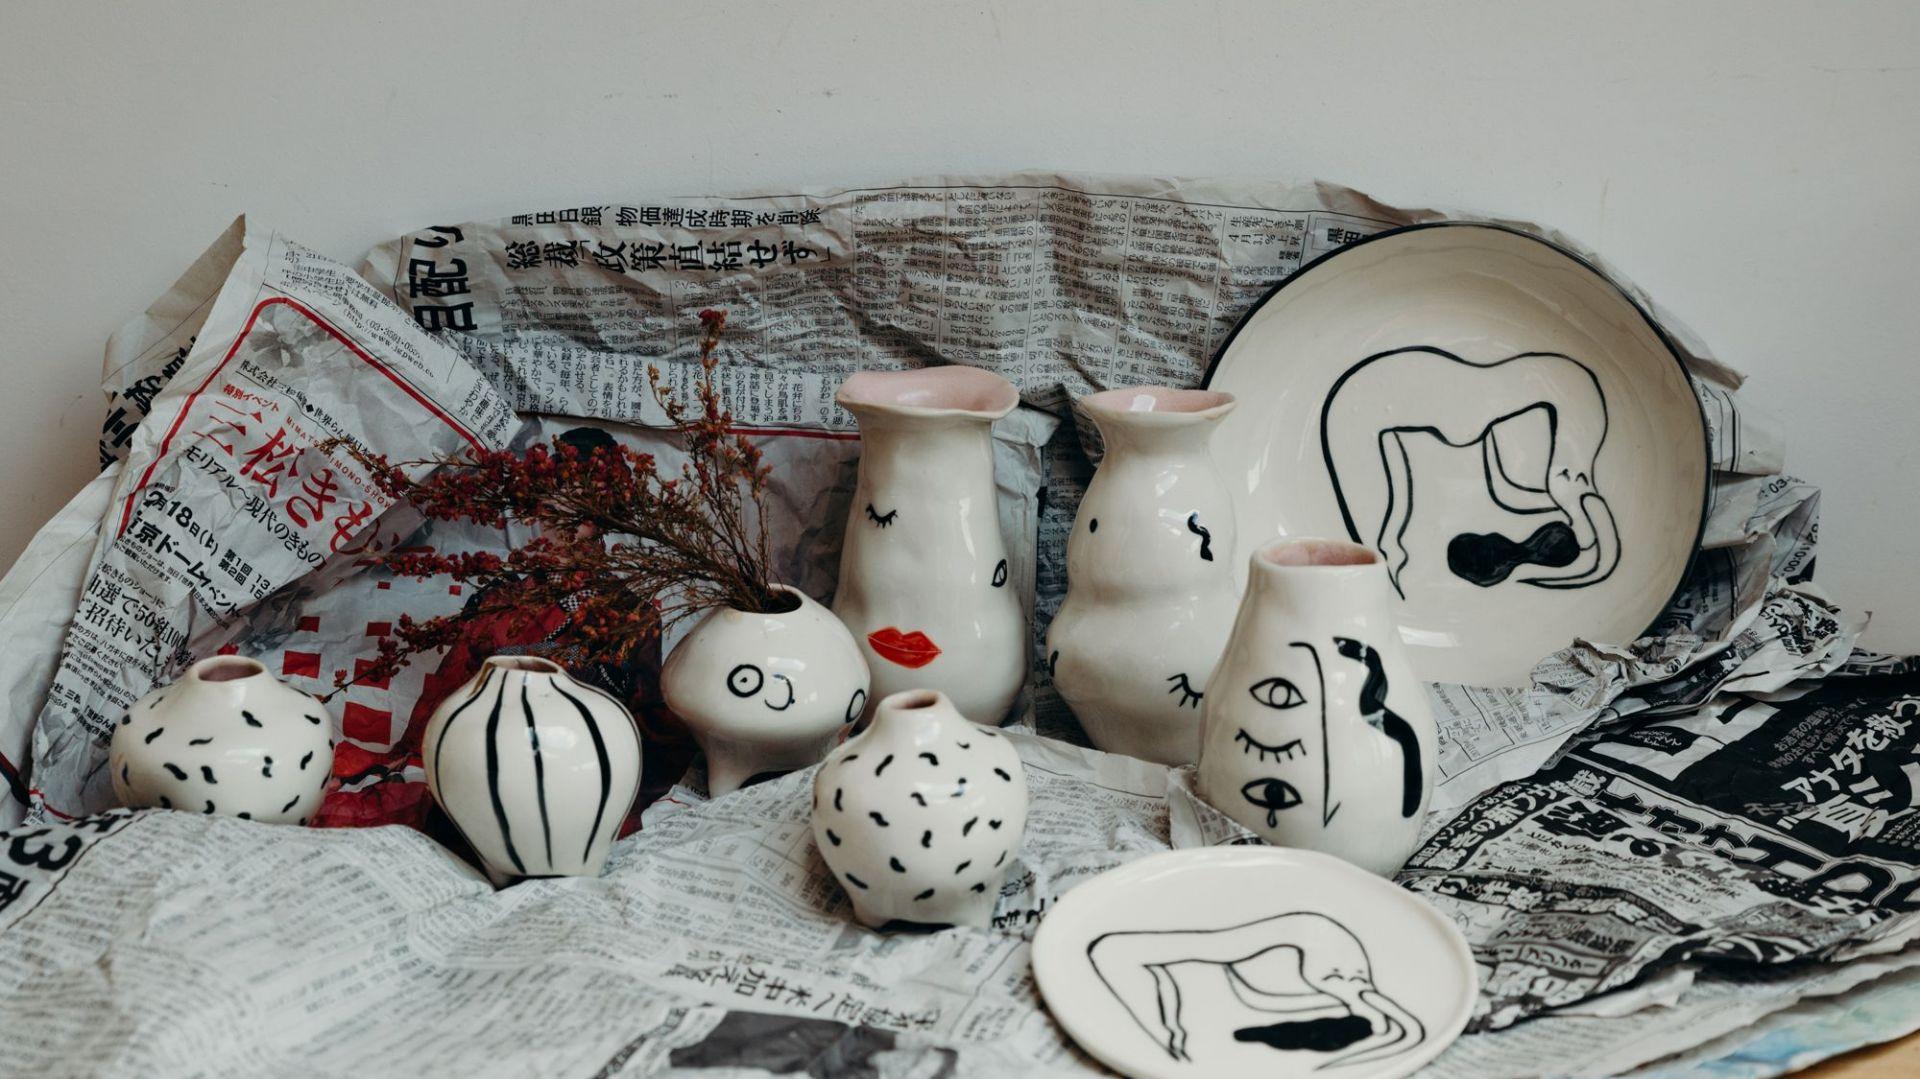 W ceramice Skowrońska często wykorzystuję kintsugi - japońską technikę naprawiania pękniętej porcelany laką i złotem. Fot. Mellow Fever